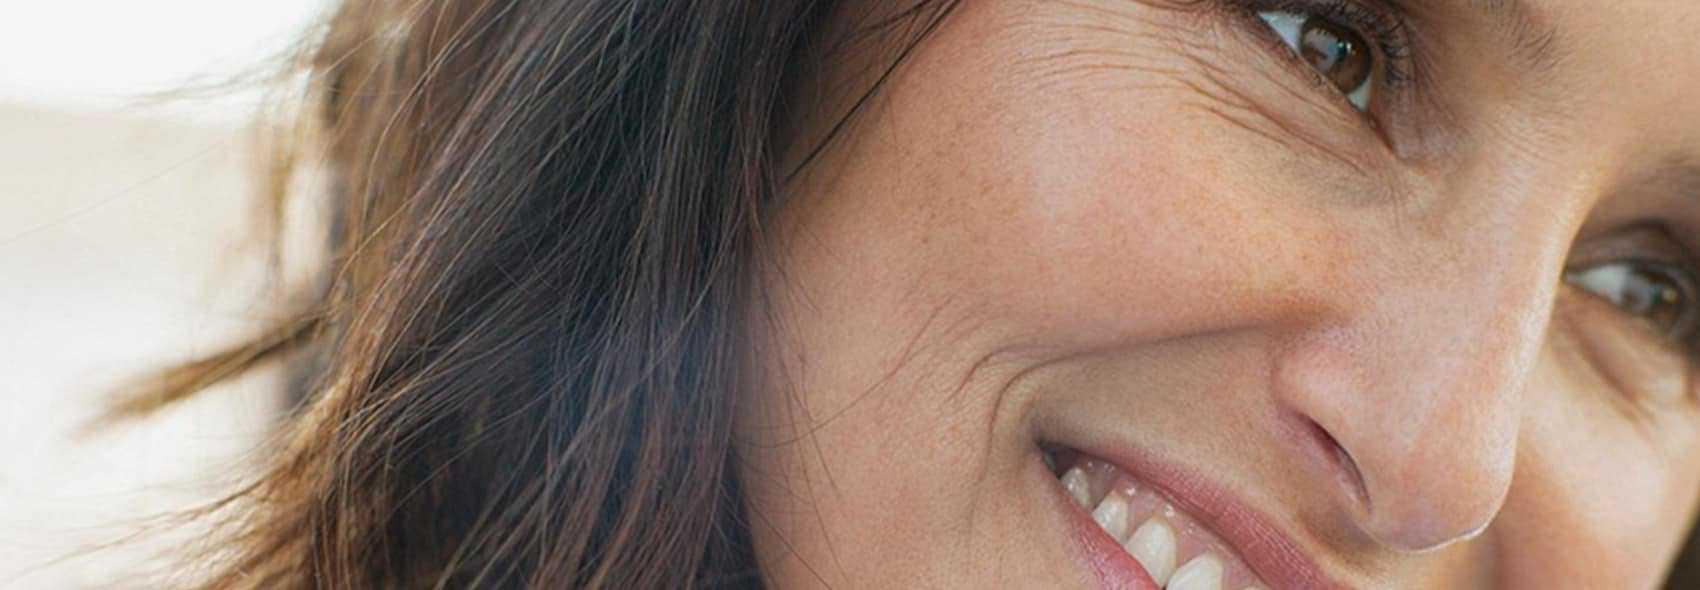 CLOSEUP WOMAN SMILING